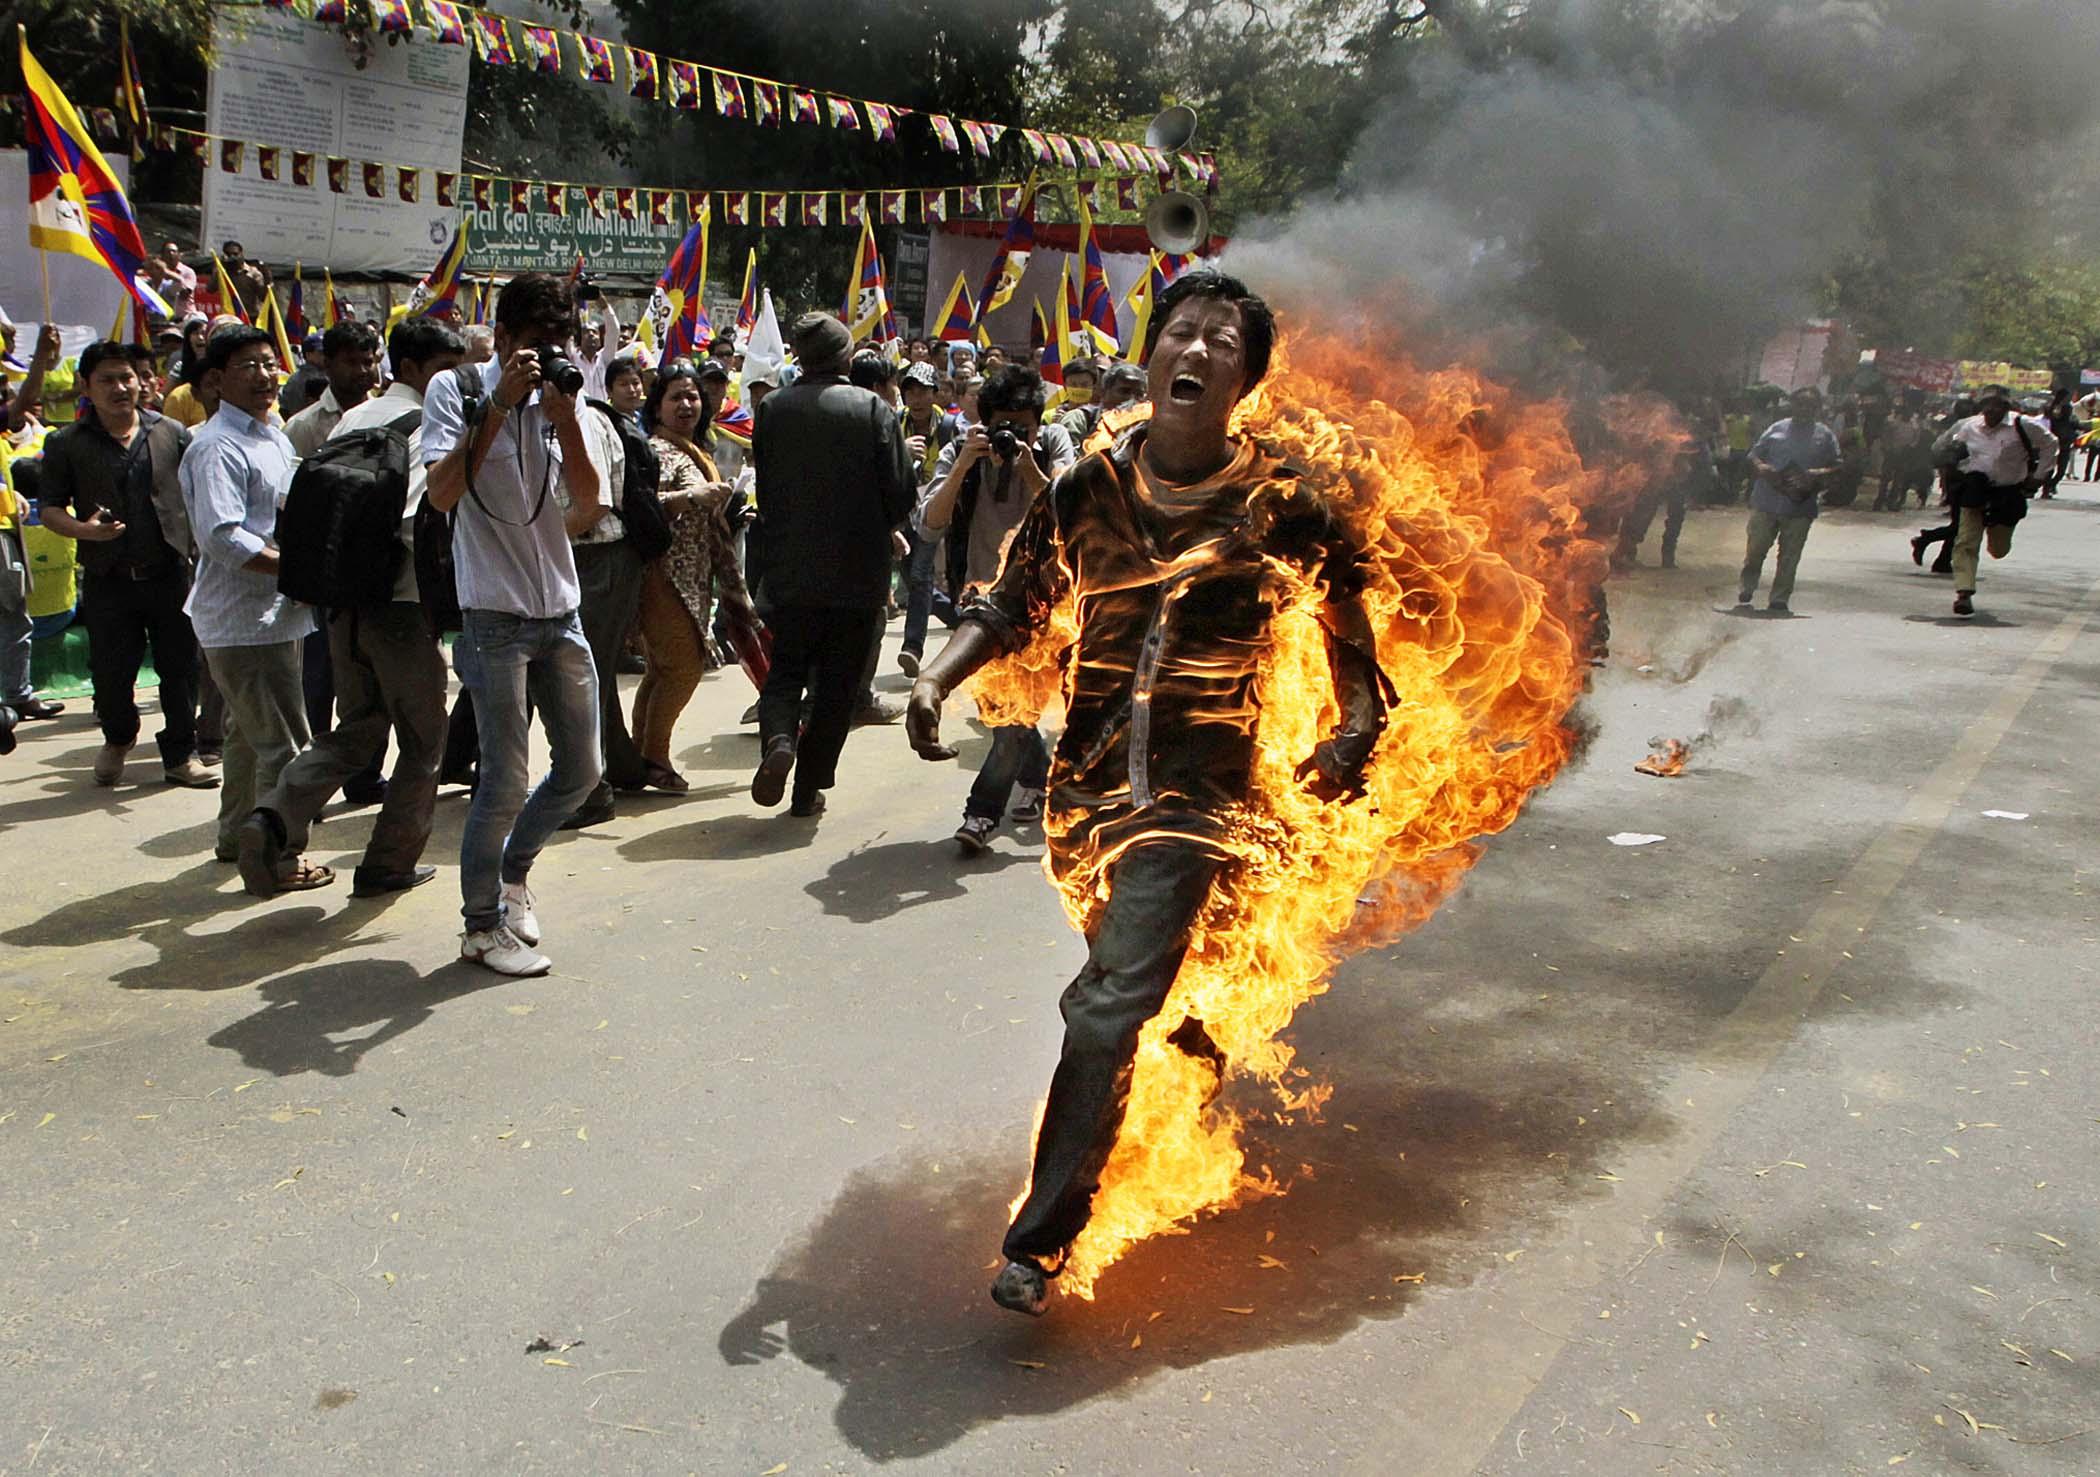 Прем'єр-мініст тибетського уряду у вигнанні Лобсанг Сенге оголосив про початок кампанії солідарності з Тибетом